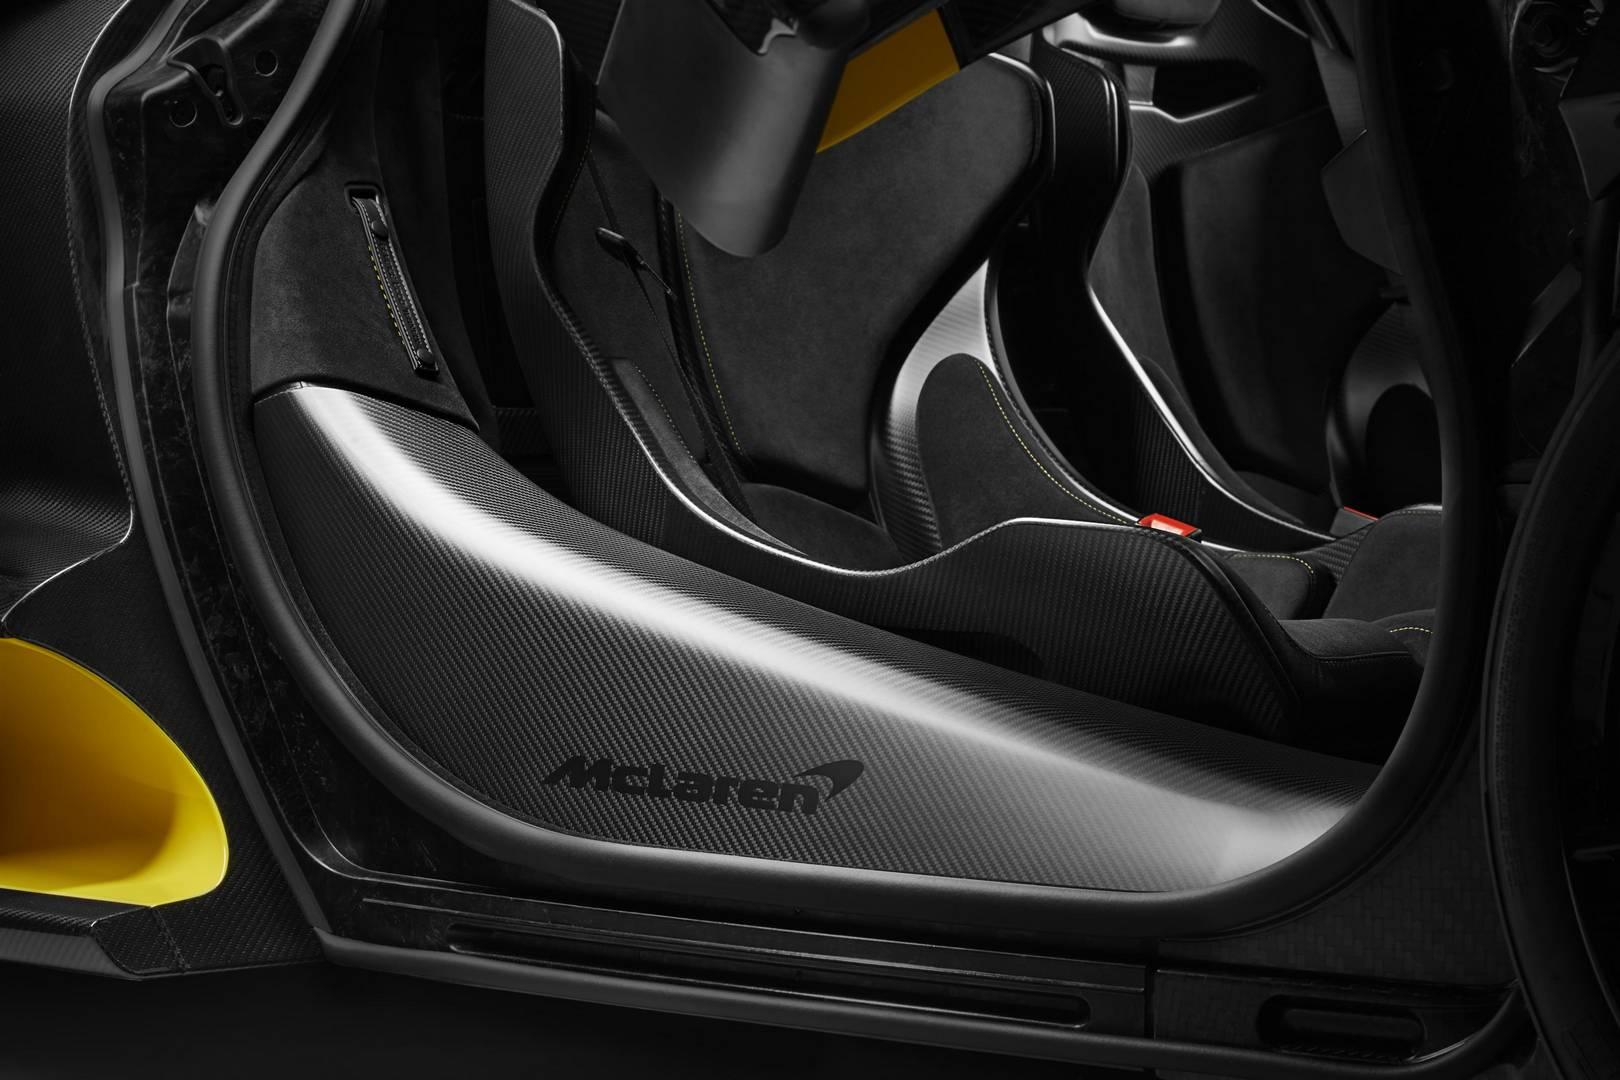 Внутри газовая стойка и контрастная строчка выполнены в зеленом цвете, а рулевое колесо получило желтую центральную полосу.